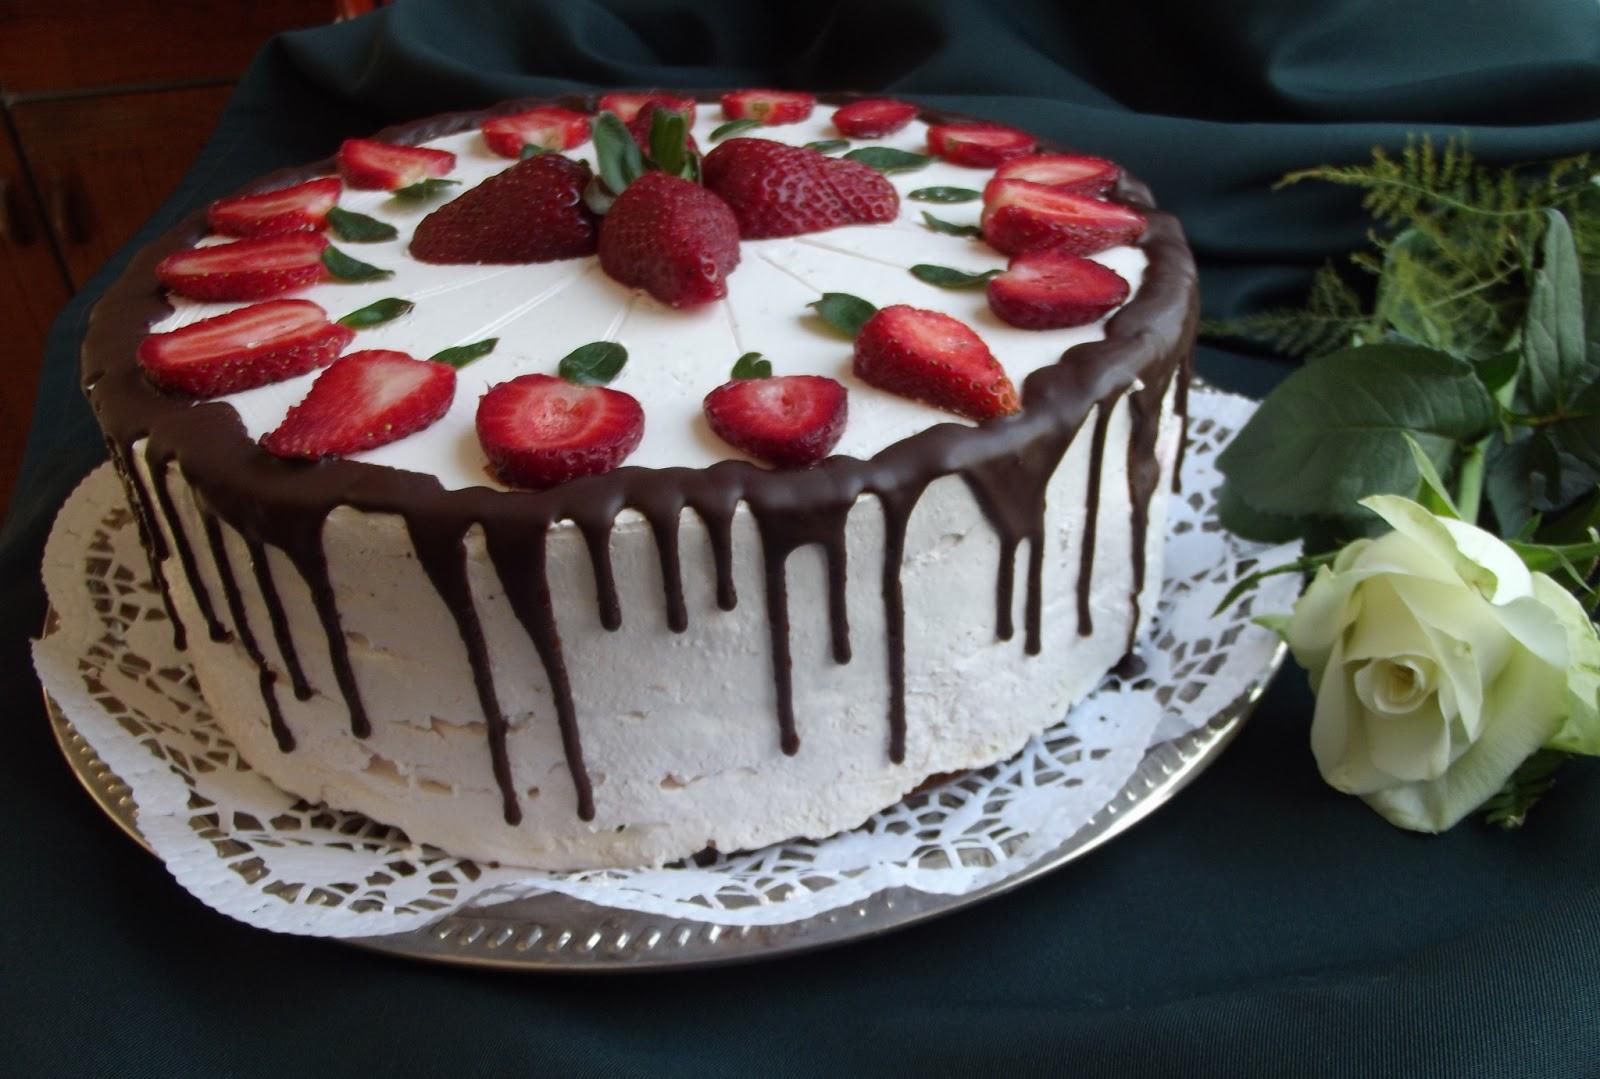 születésnapi torta díszítés Tortaimádó: Epres ünnepi torta születésnapi torta díszítés